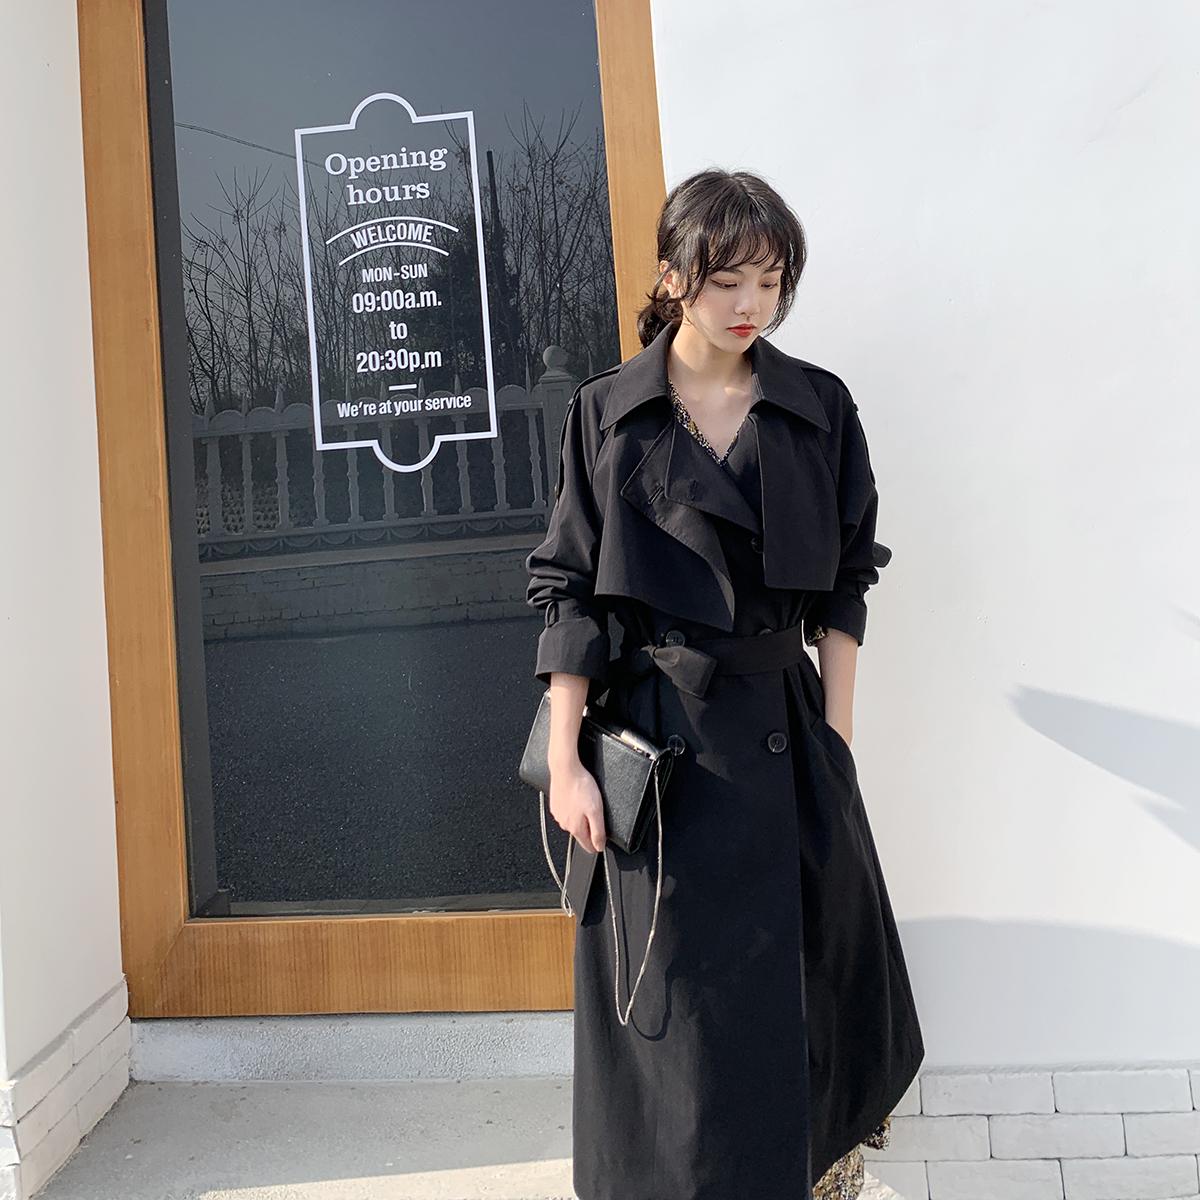 黑色风衣 黑色风衣女中长款2021春秋韩版宽松外套气质设计感小众赫本风大衣_推荐淘宝好看的黑色风衣